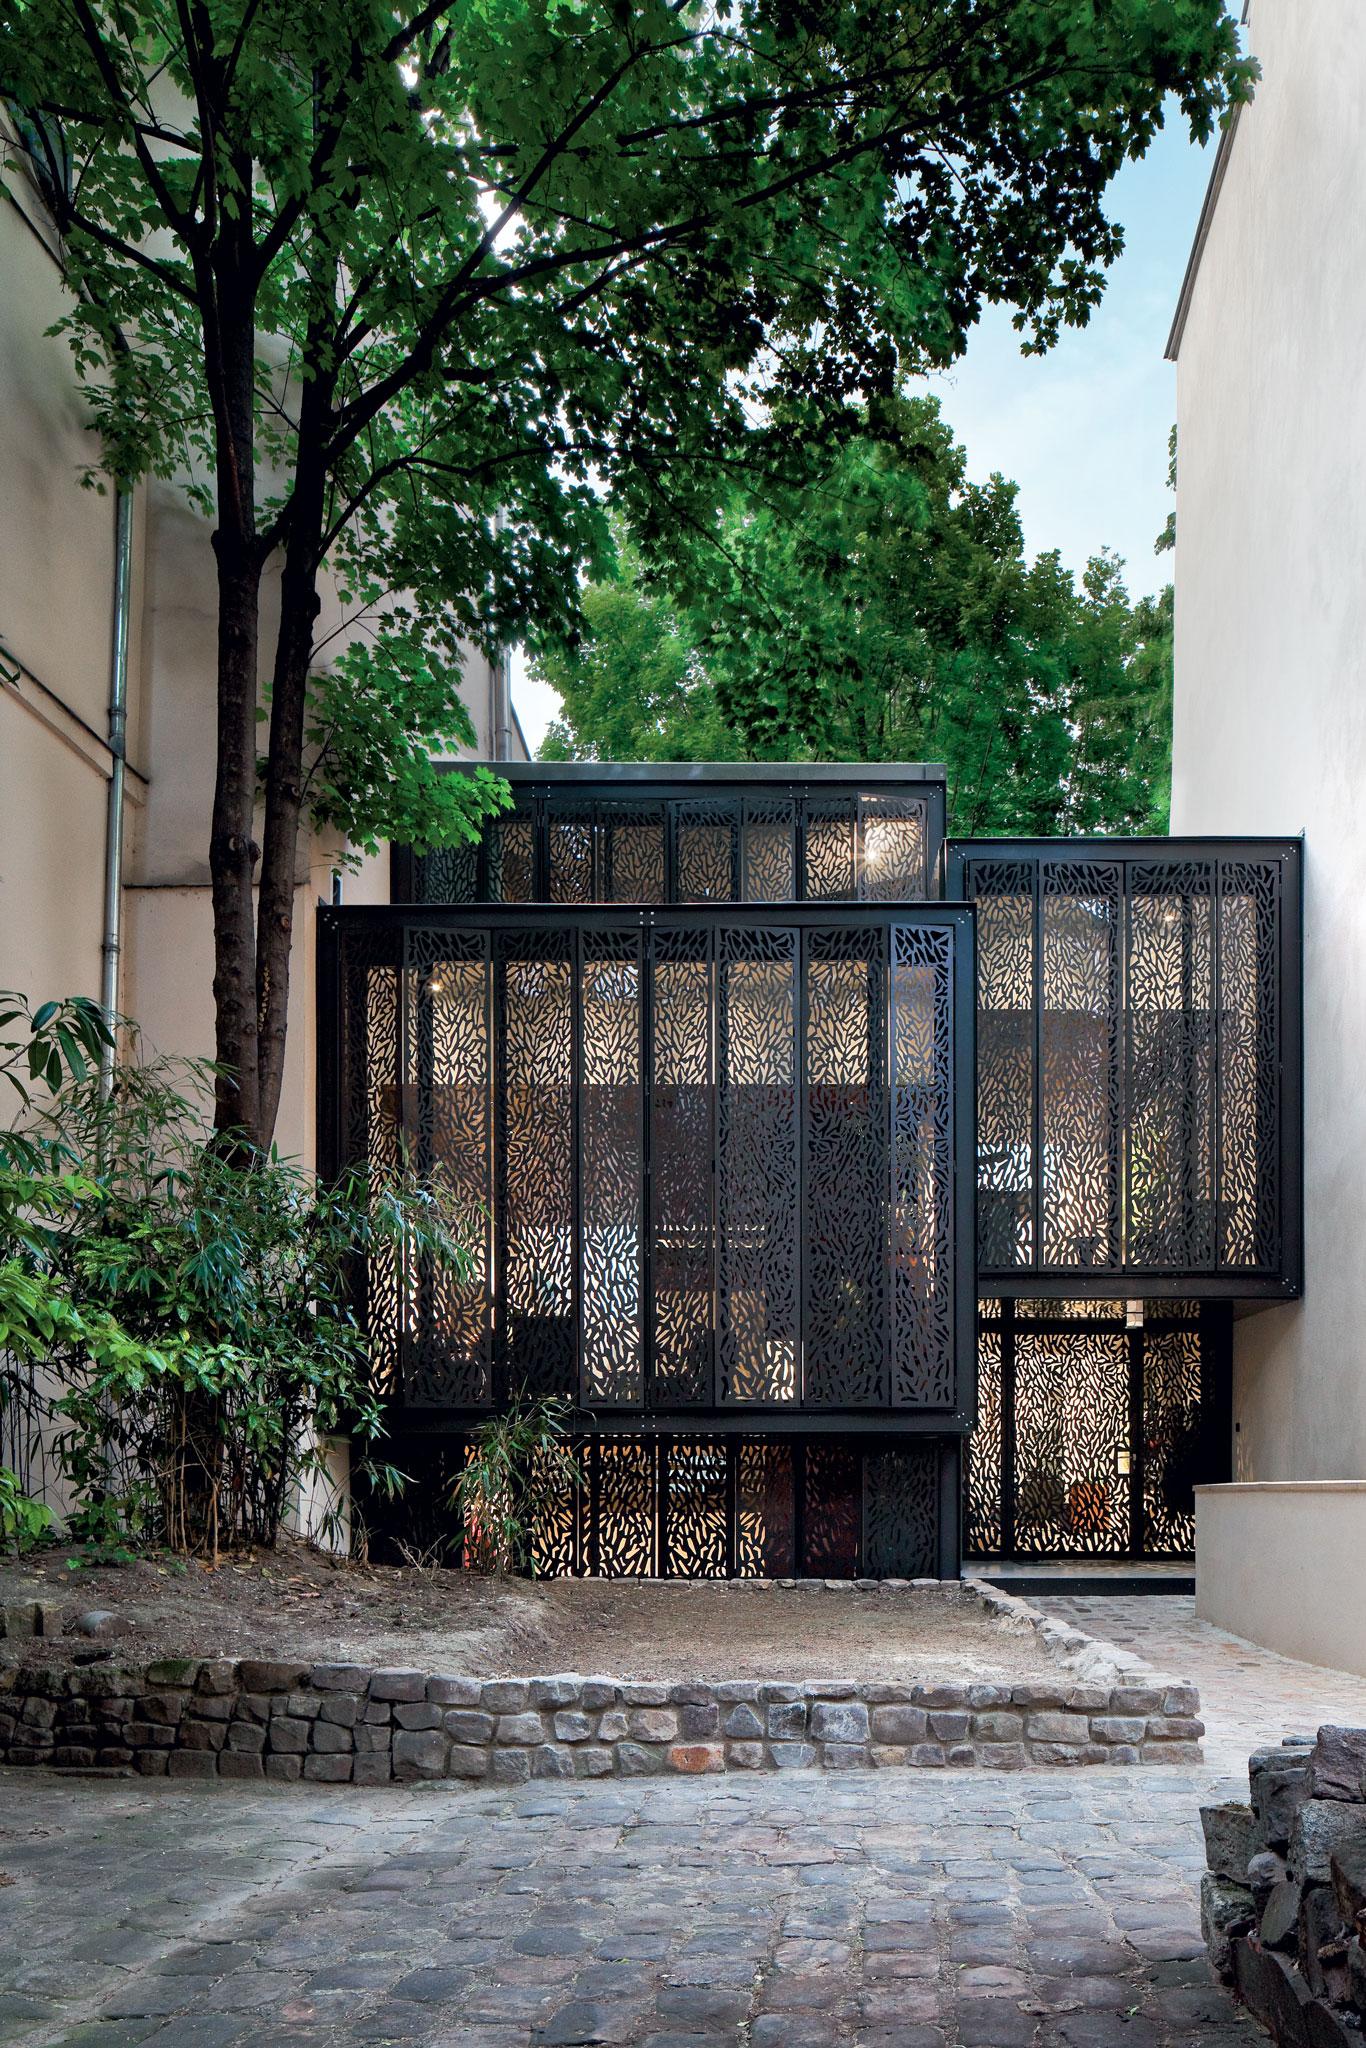 Les journ es d architectures vivre mademoiselle bon plan - Architectures a vivre ...